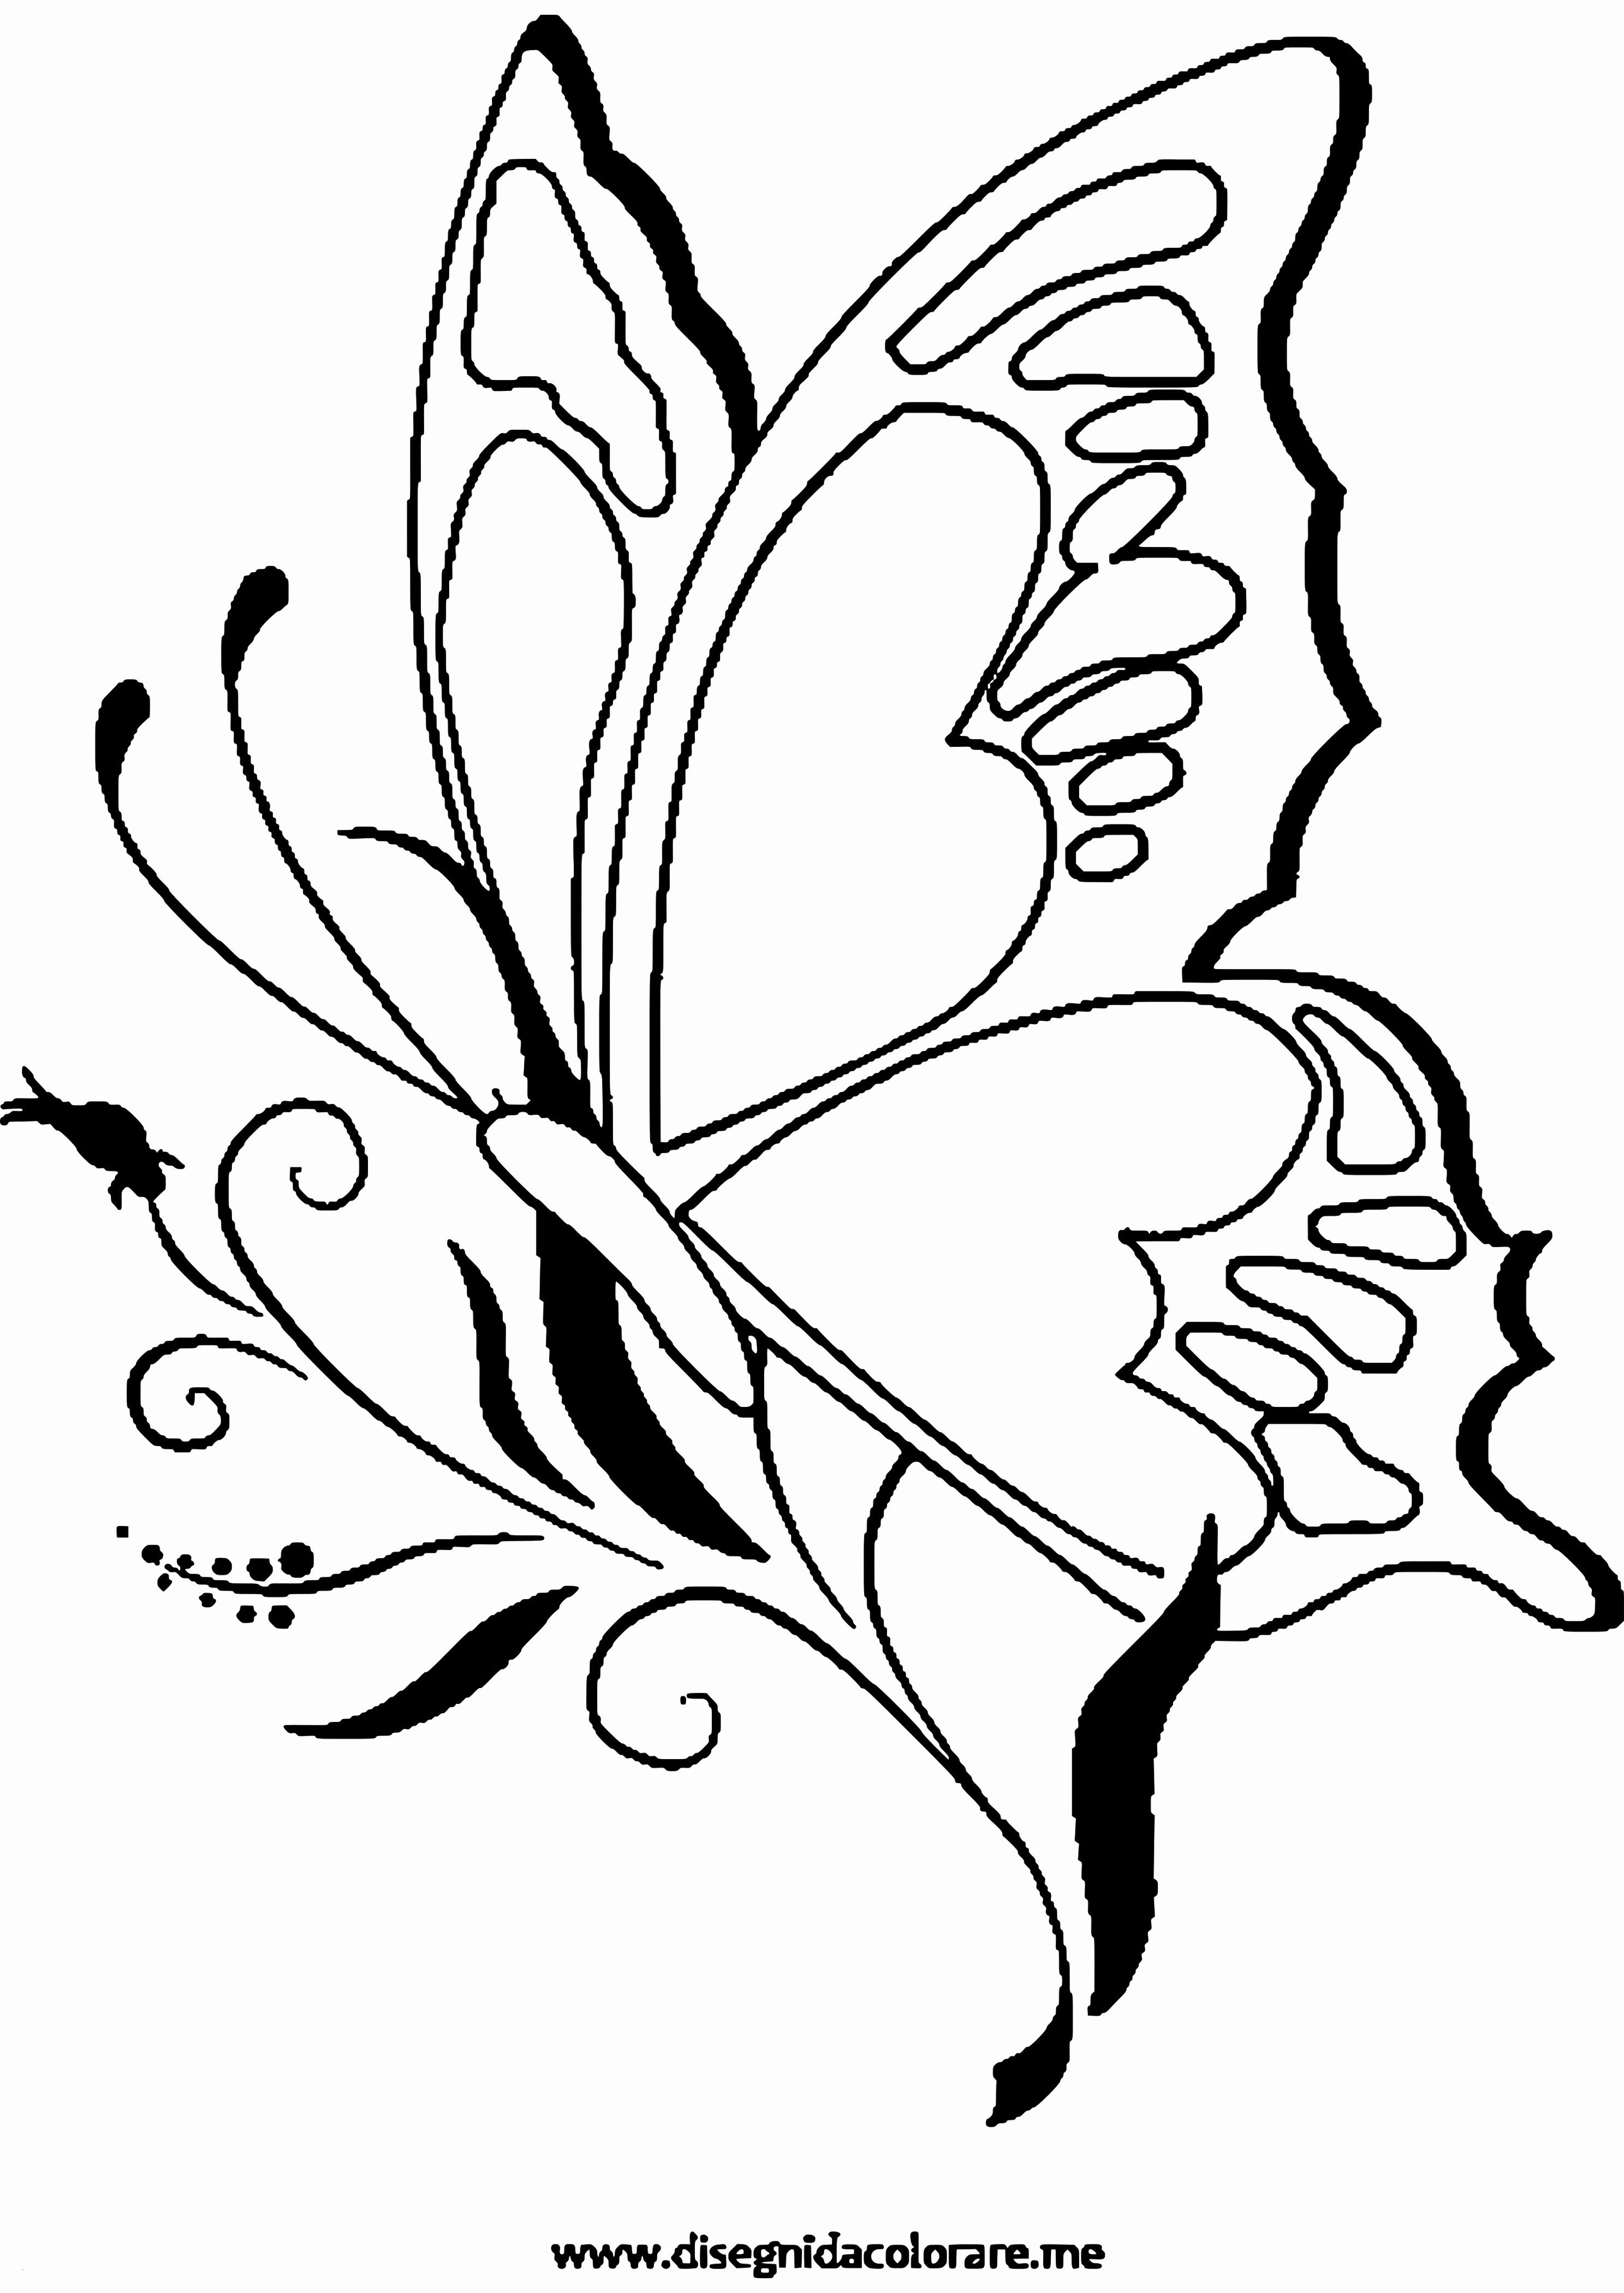 Ausmalbilder Eulen Kostenlos Ausdrucken Neu 40 Kostenlose Ausmalbilder Schmetterling Scoredatscore Inspirierend Das Bild